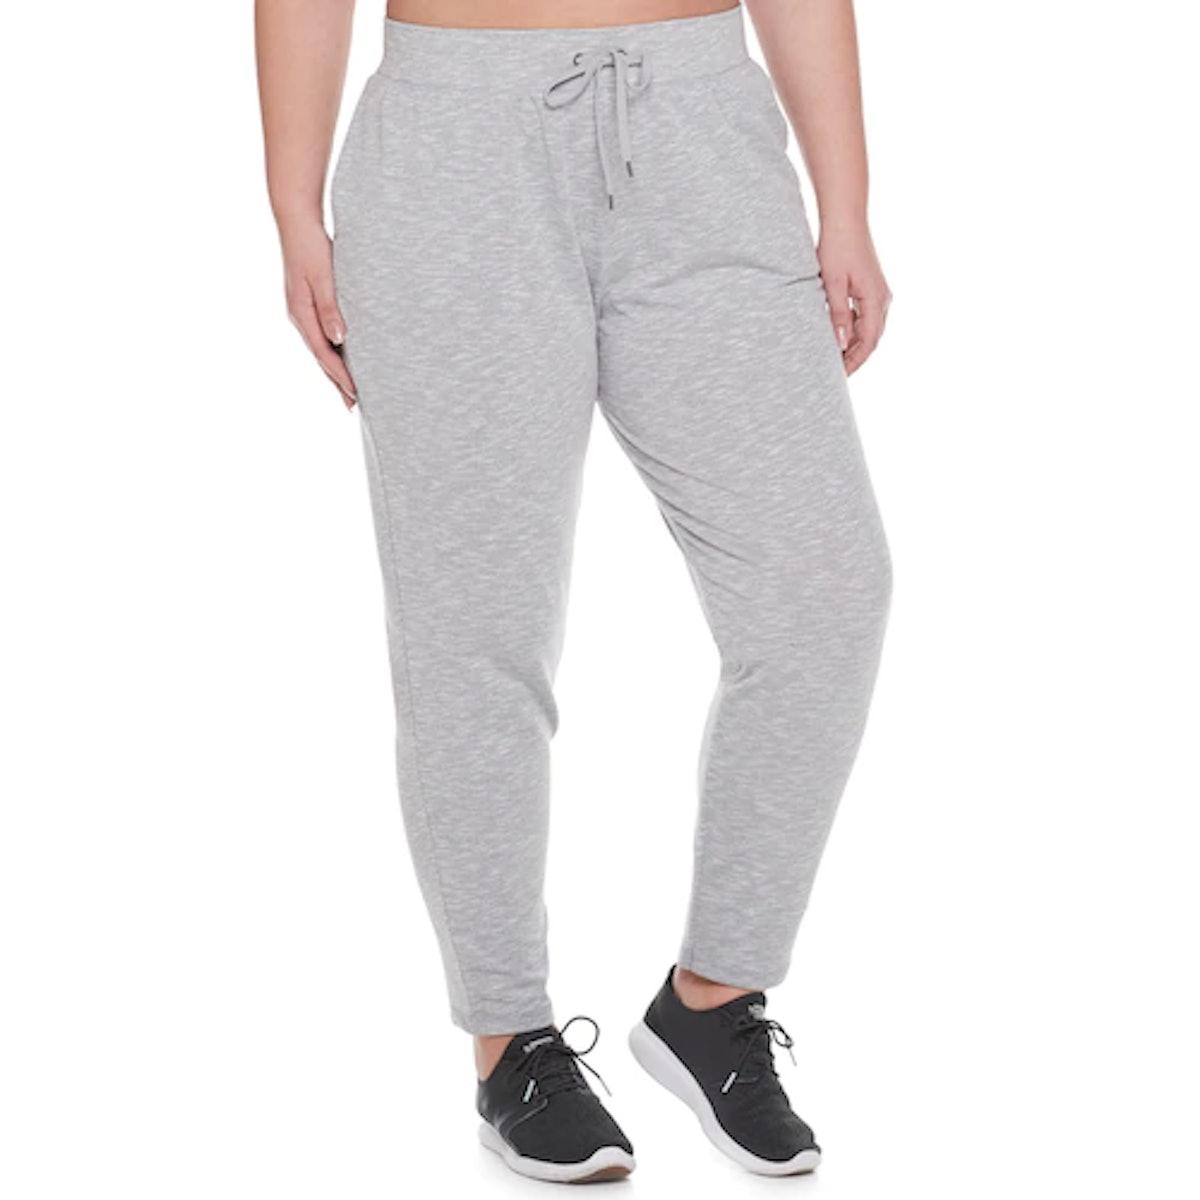 Plus Size Tek Gear French Terry Workout Pants